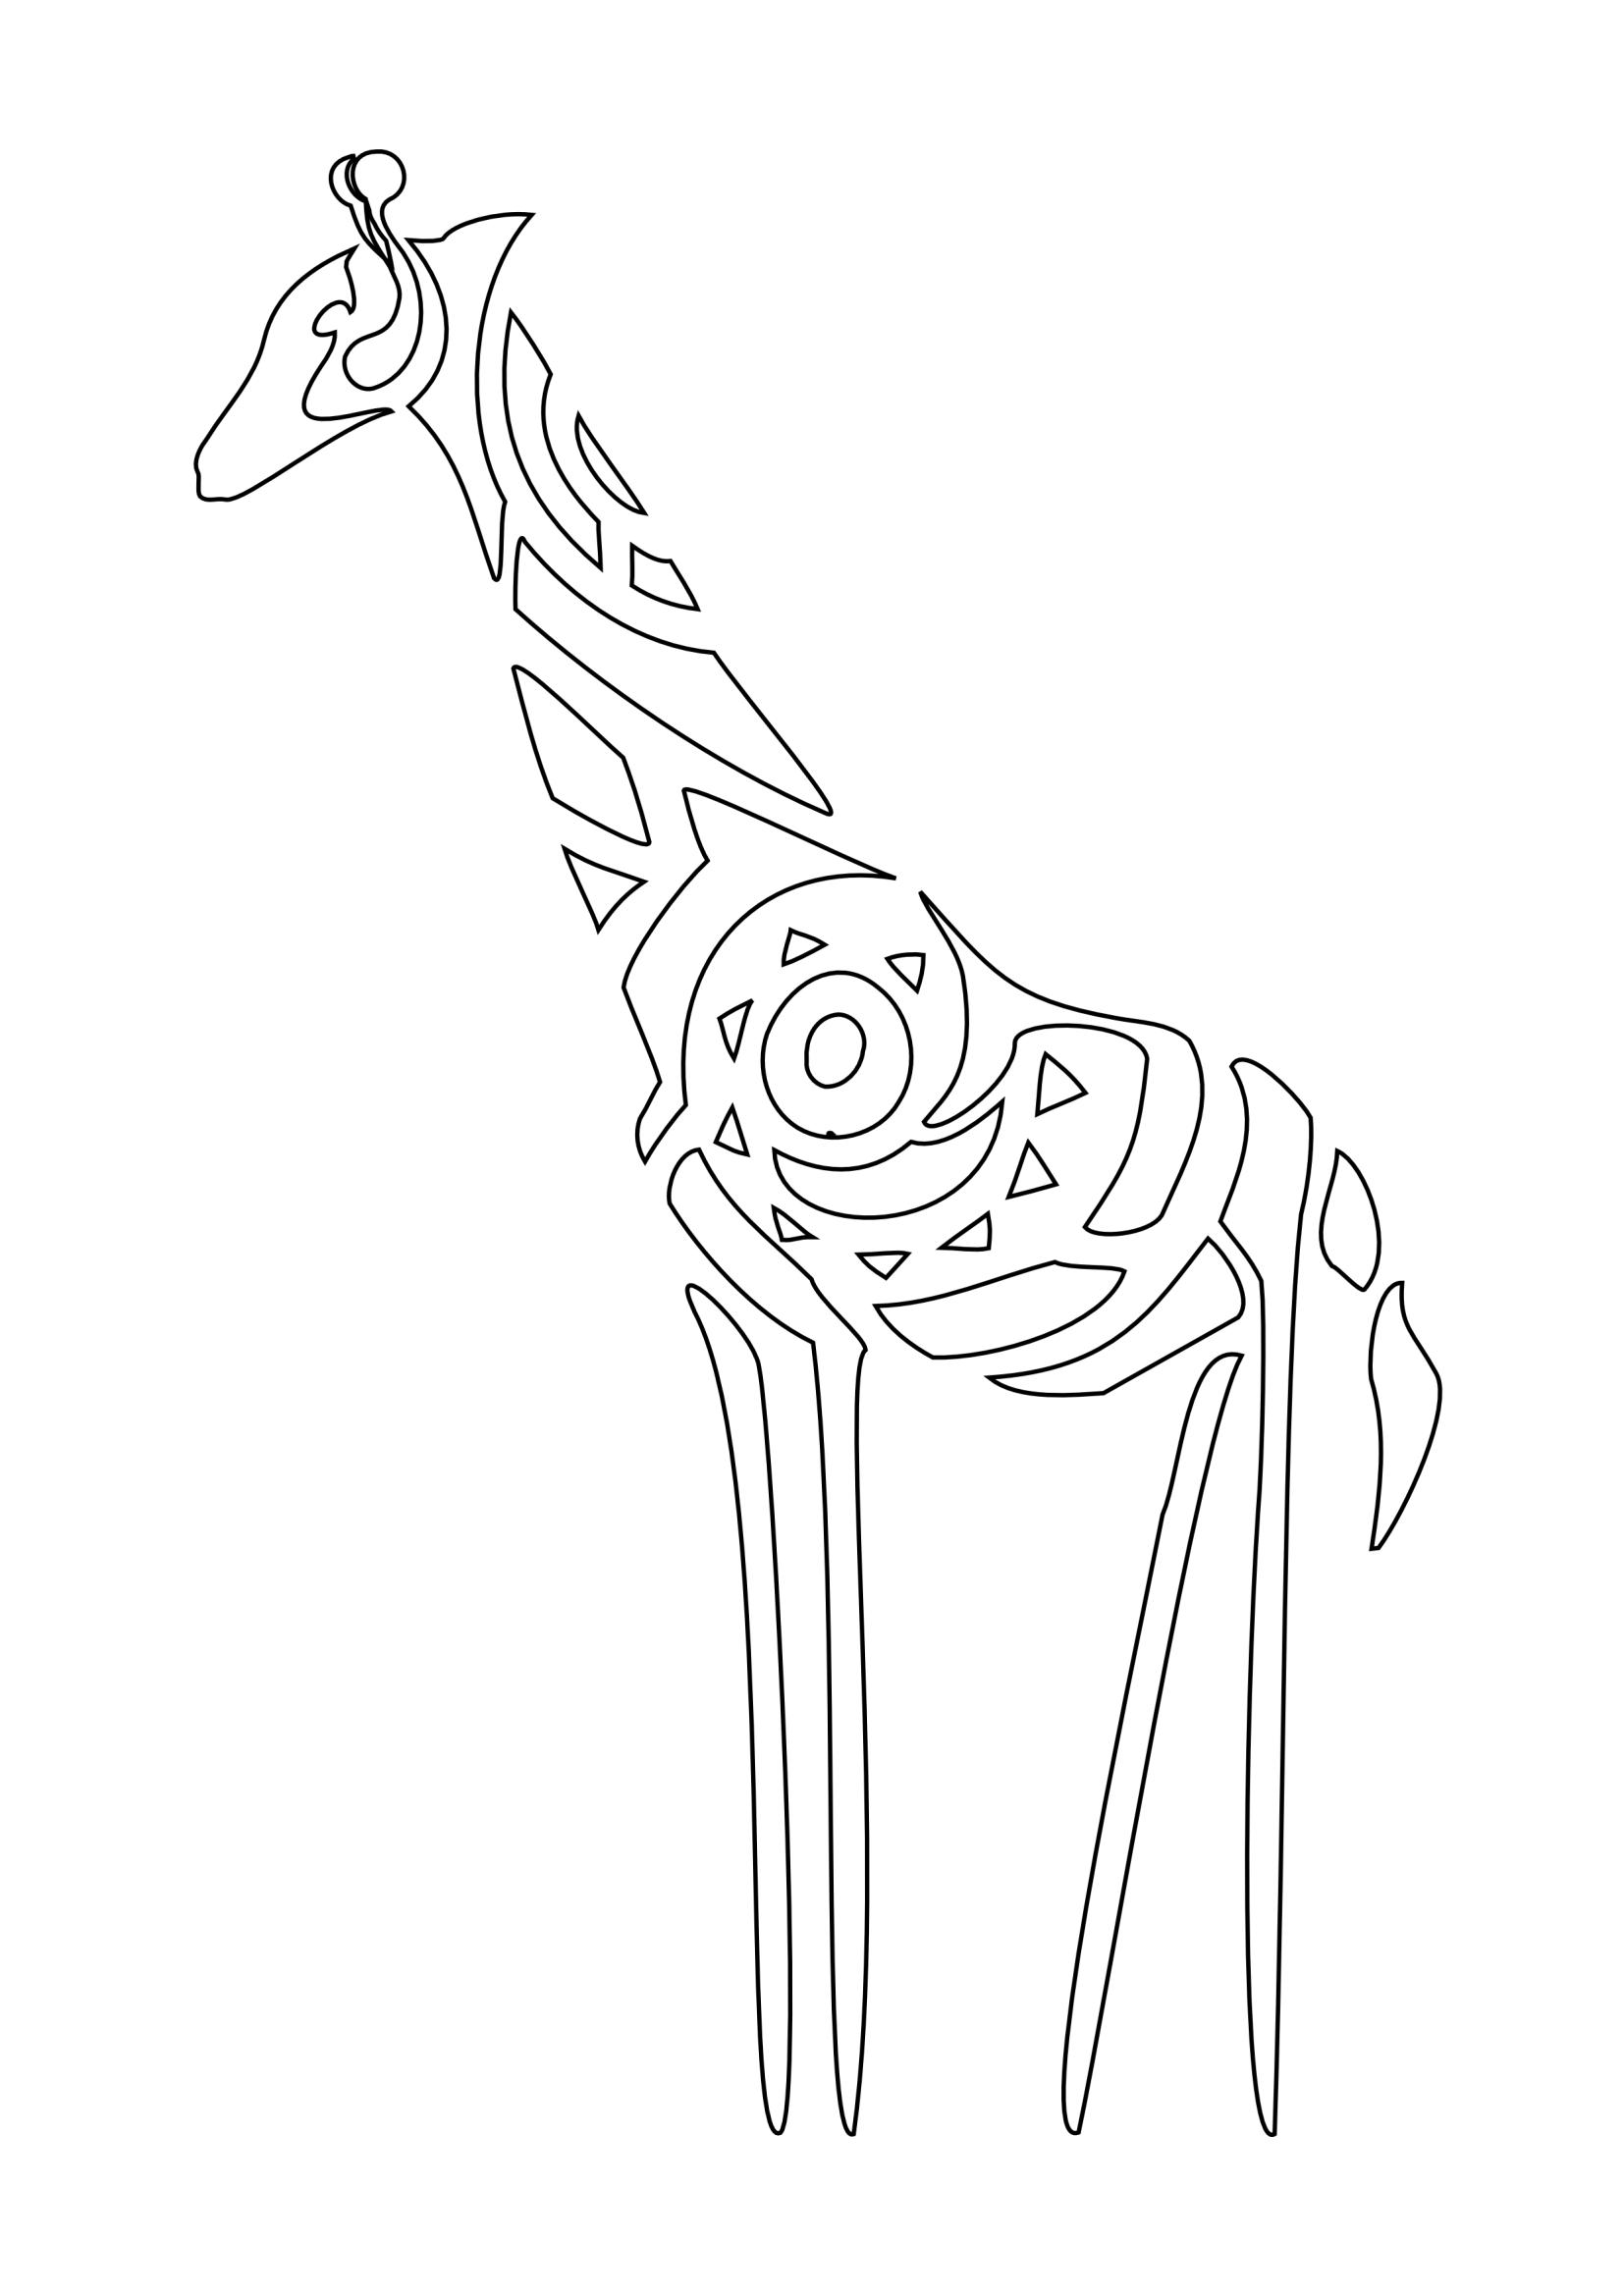 Giraffe Stencil Png 1654 2339 Giraffe Tattoos Giraffe Quilt Elephant Art